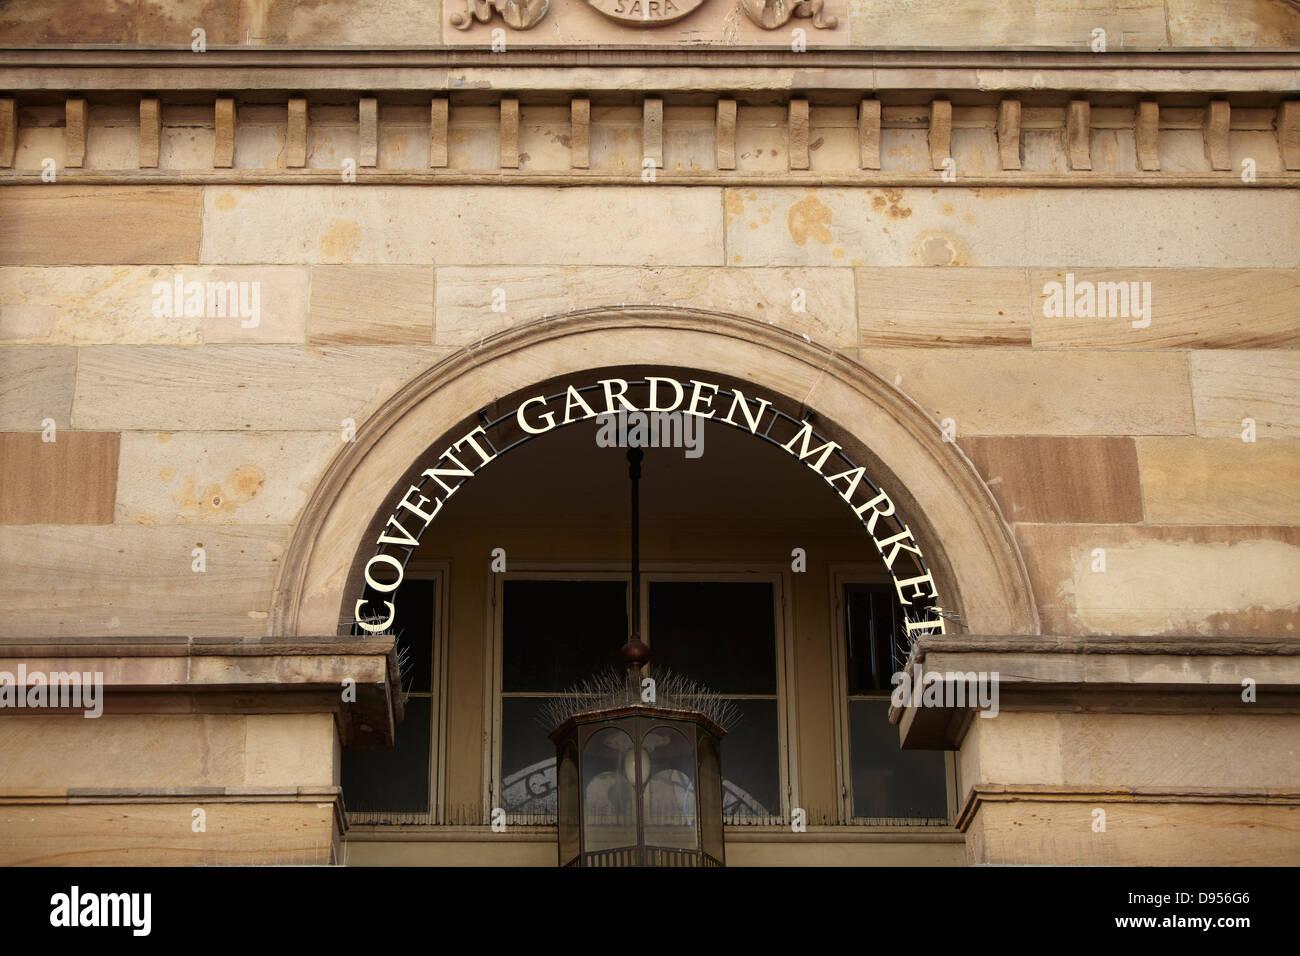 https://c8.alamy.com/comp/D956G6/covent-garden-market-sign-D956G6.jpg